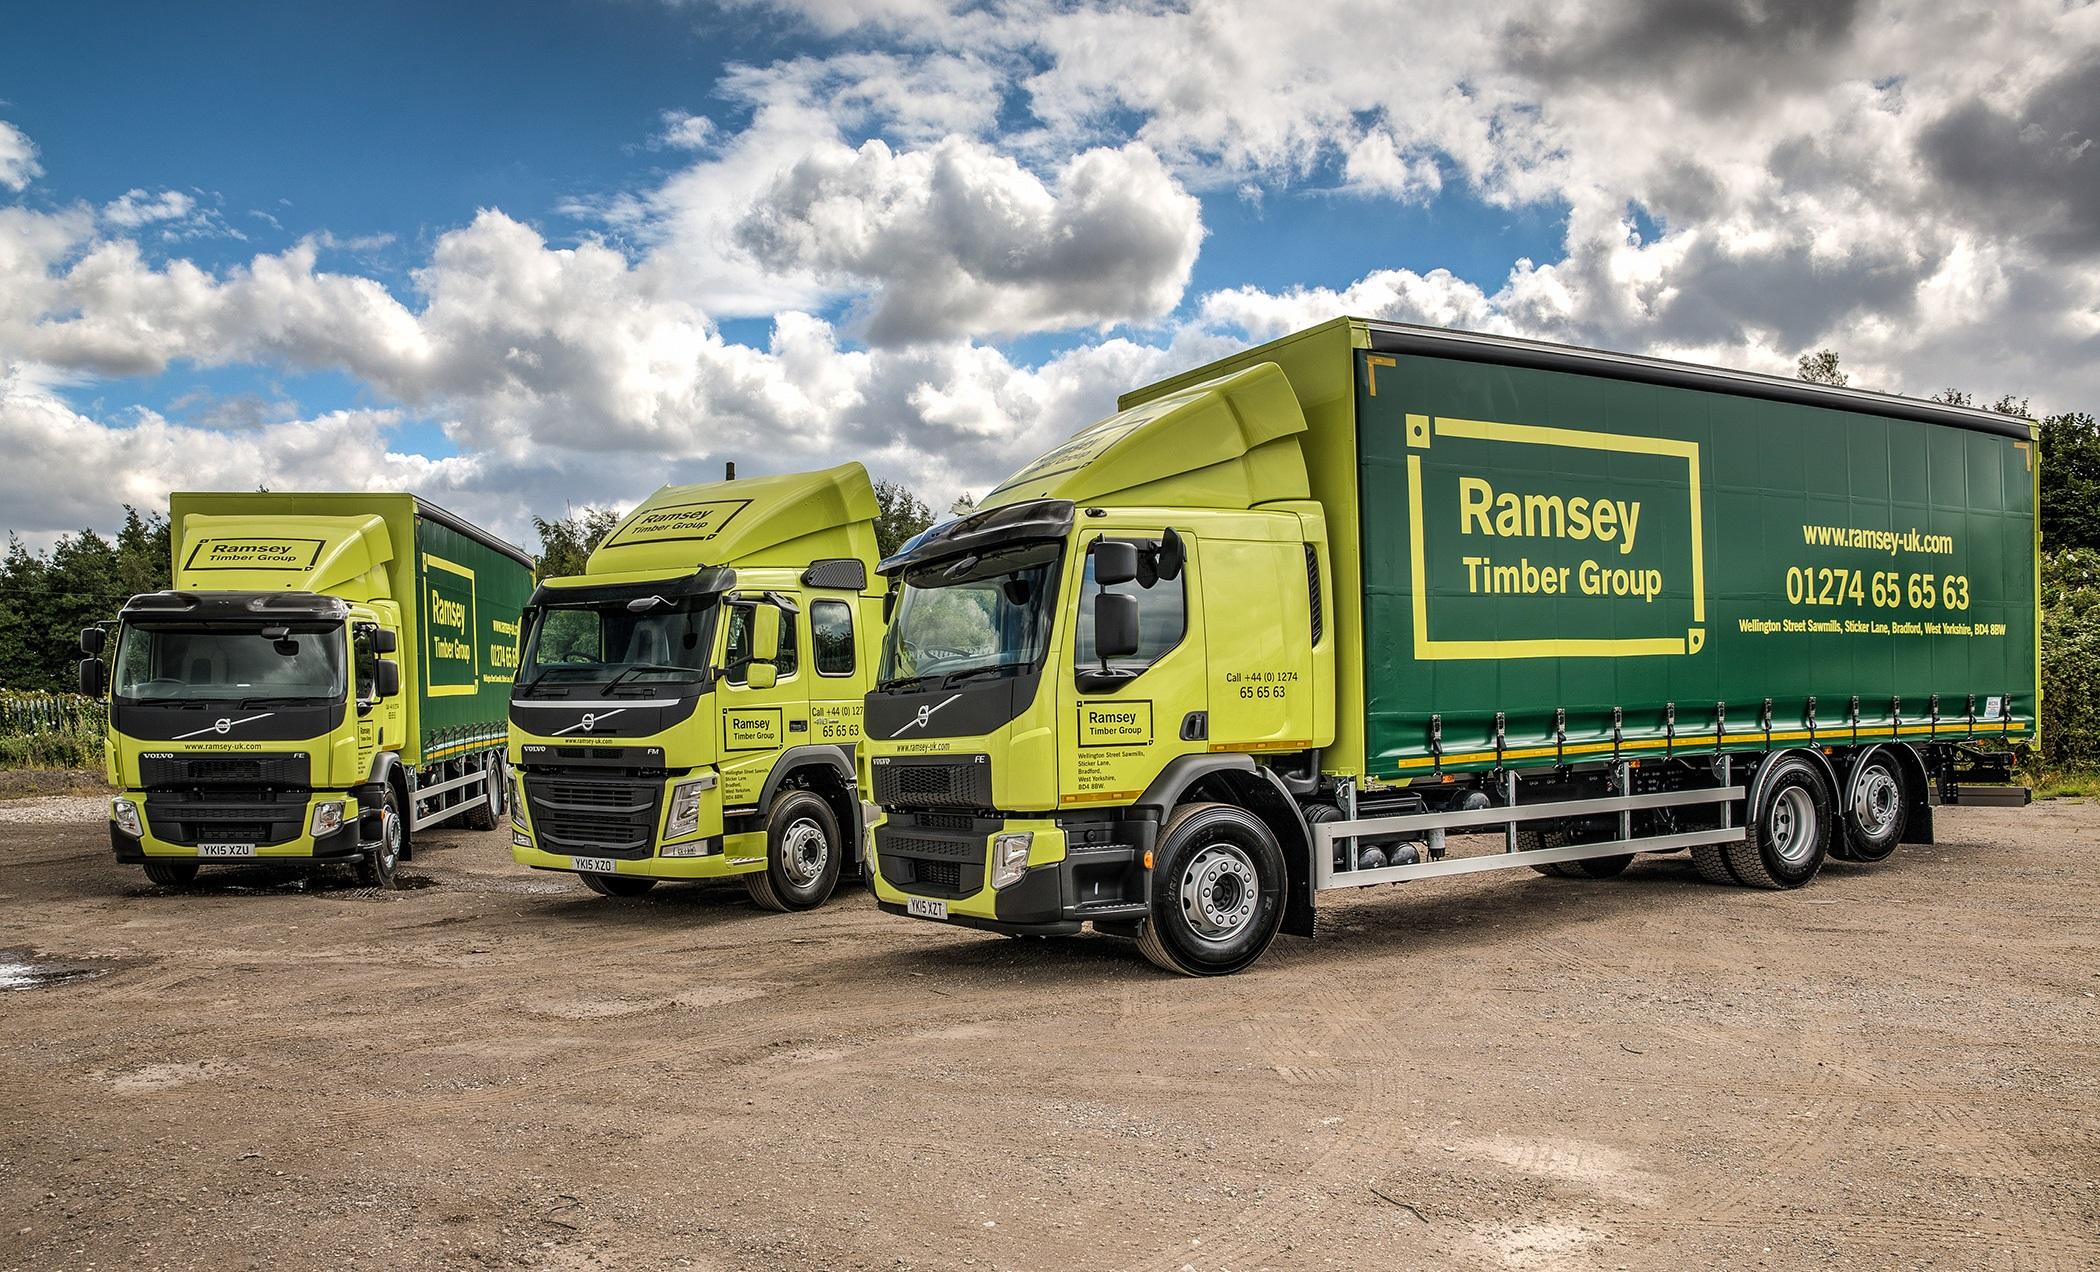 Ramsey Timber Group Beds In New Volvo Trucks Fleet Uk